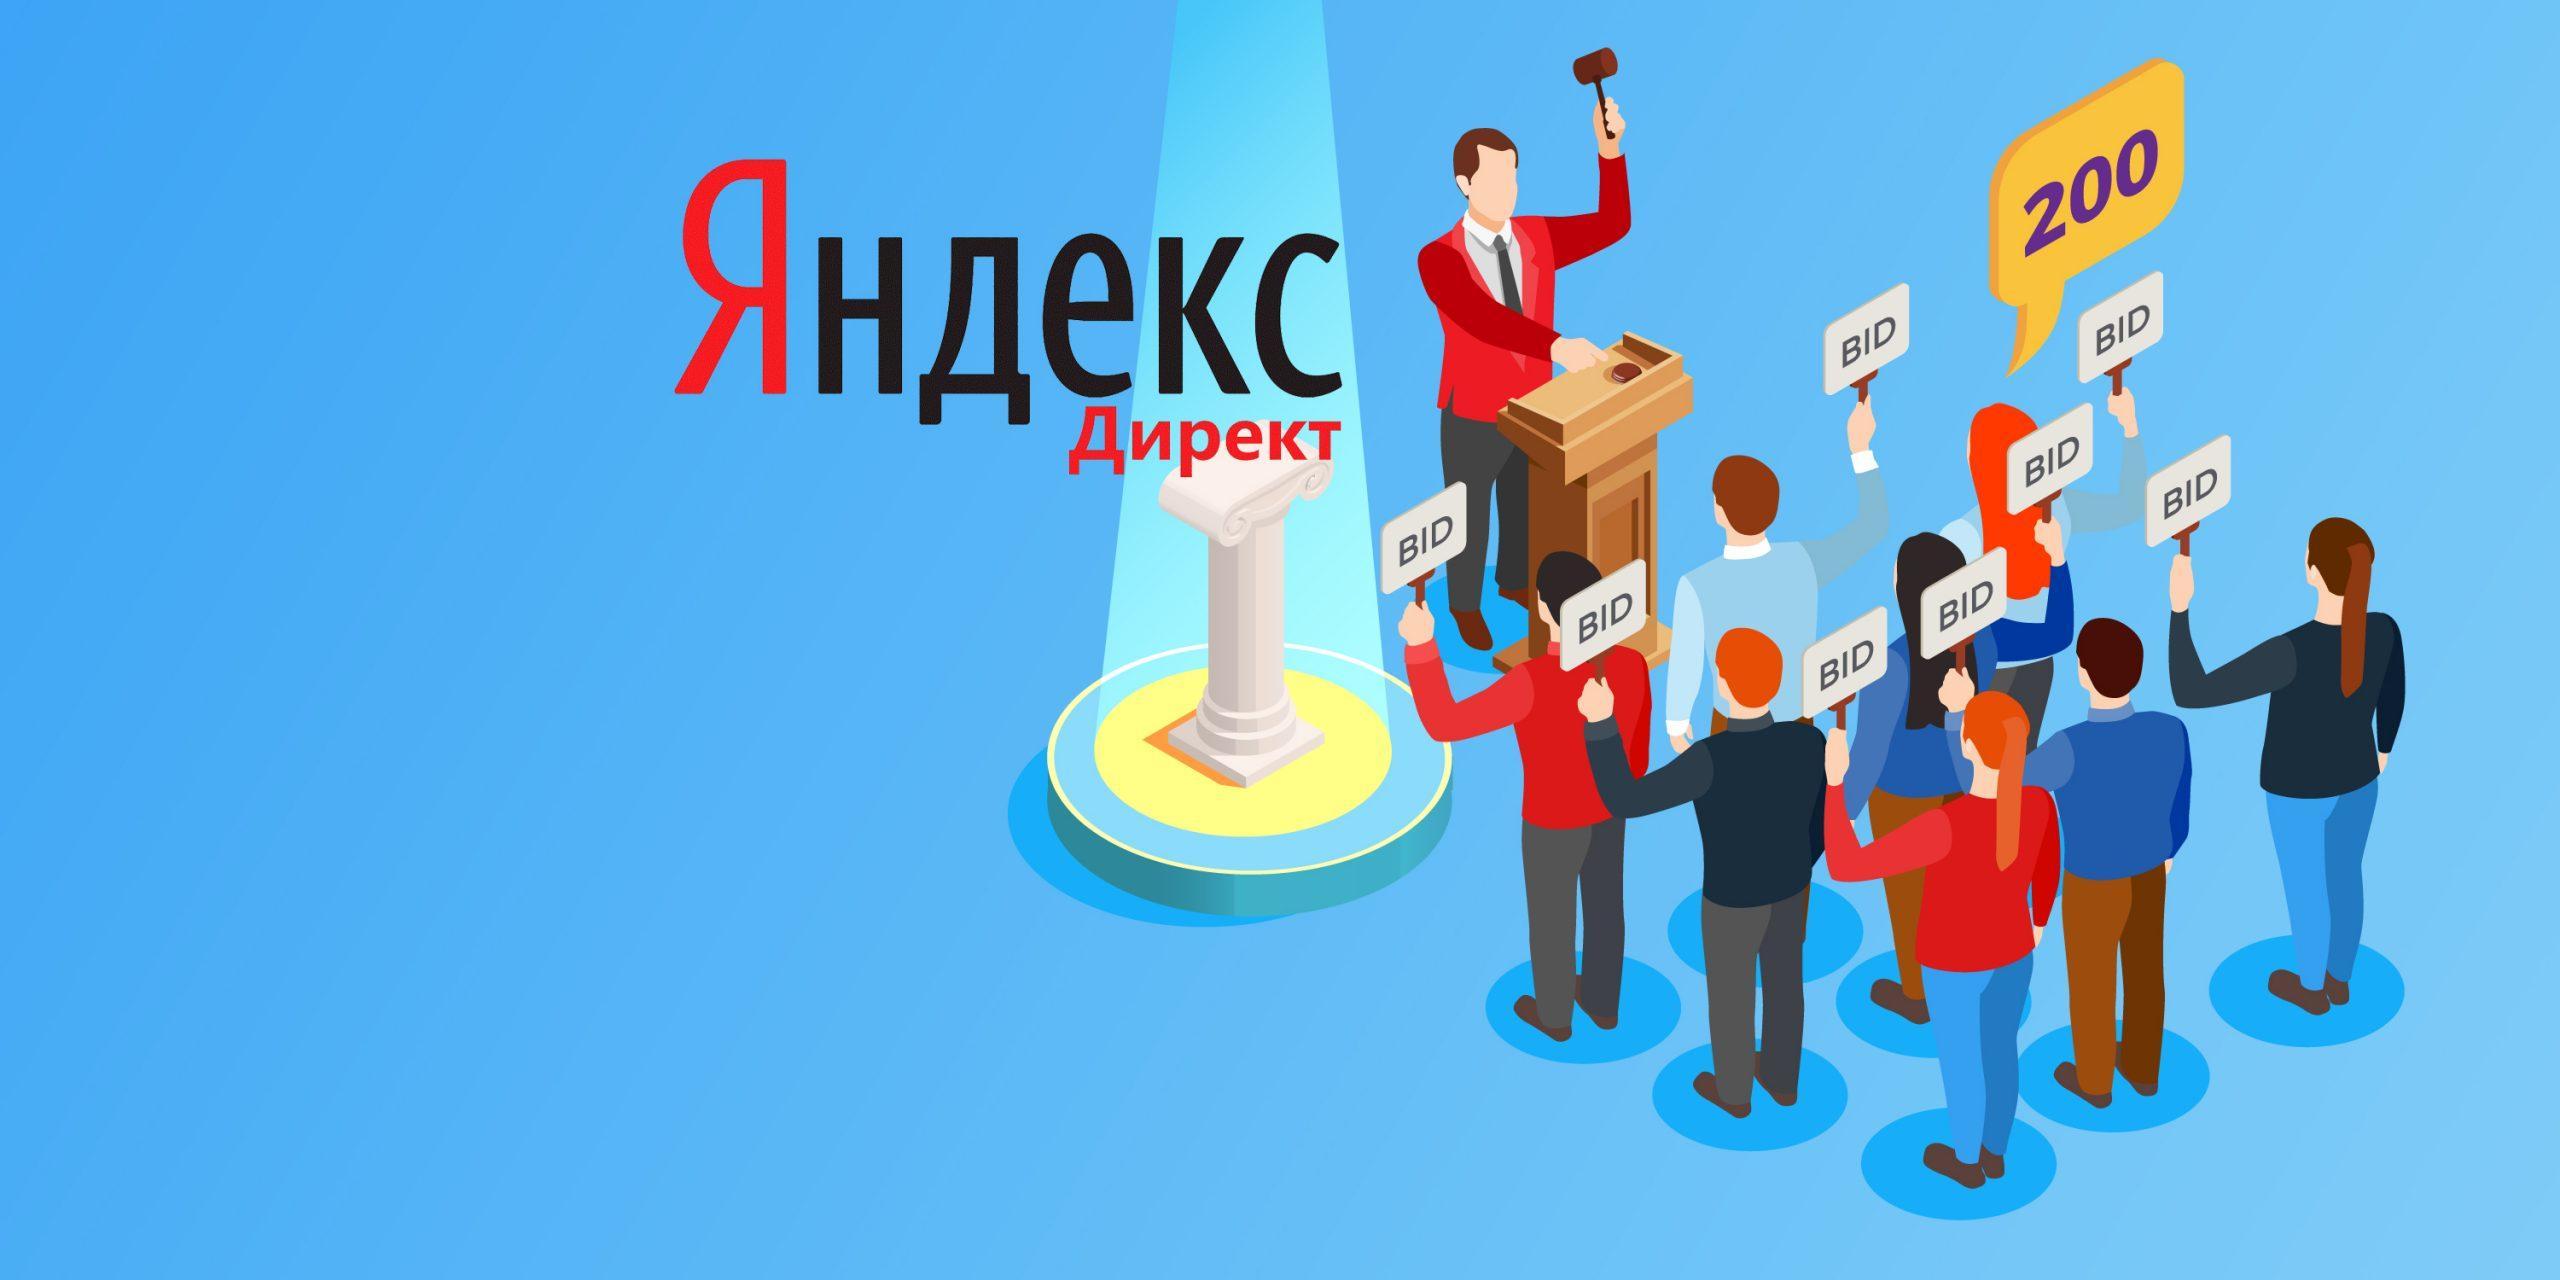 Максимальная и минимальная ставка в Яндекс.Директ